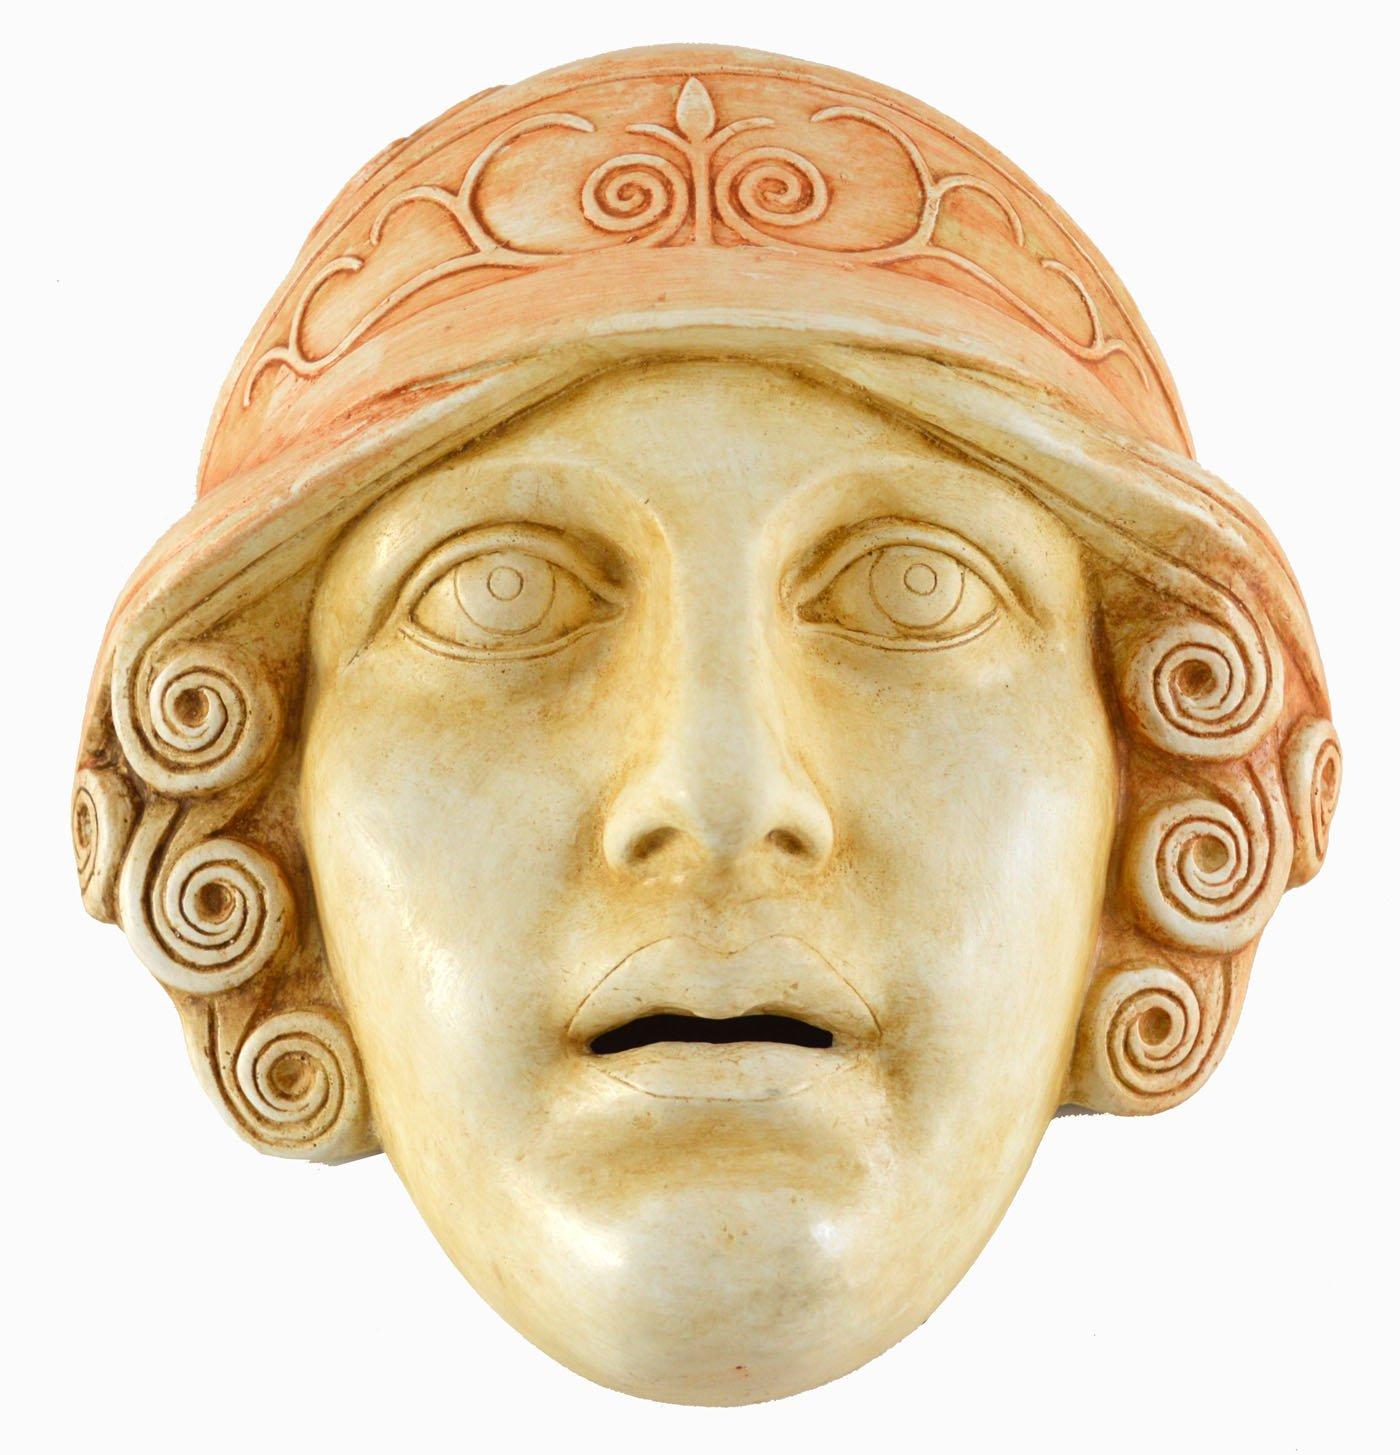 Diosa Athena máscara - Teatro griego de la Antigüedad - Pantalla de Atenas: Amazon.es: Hogar